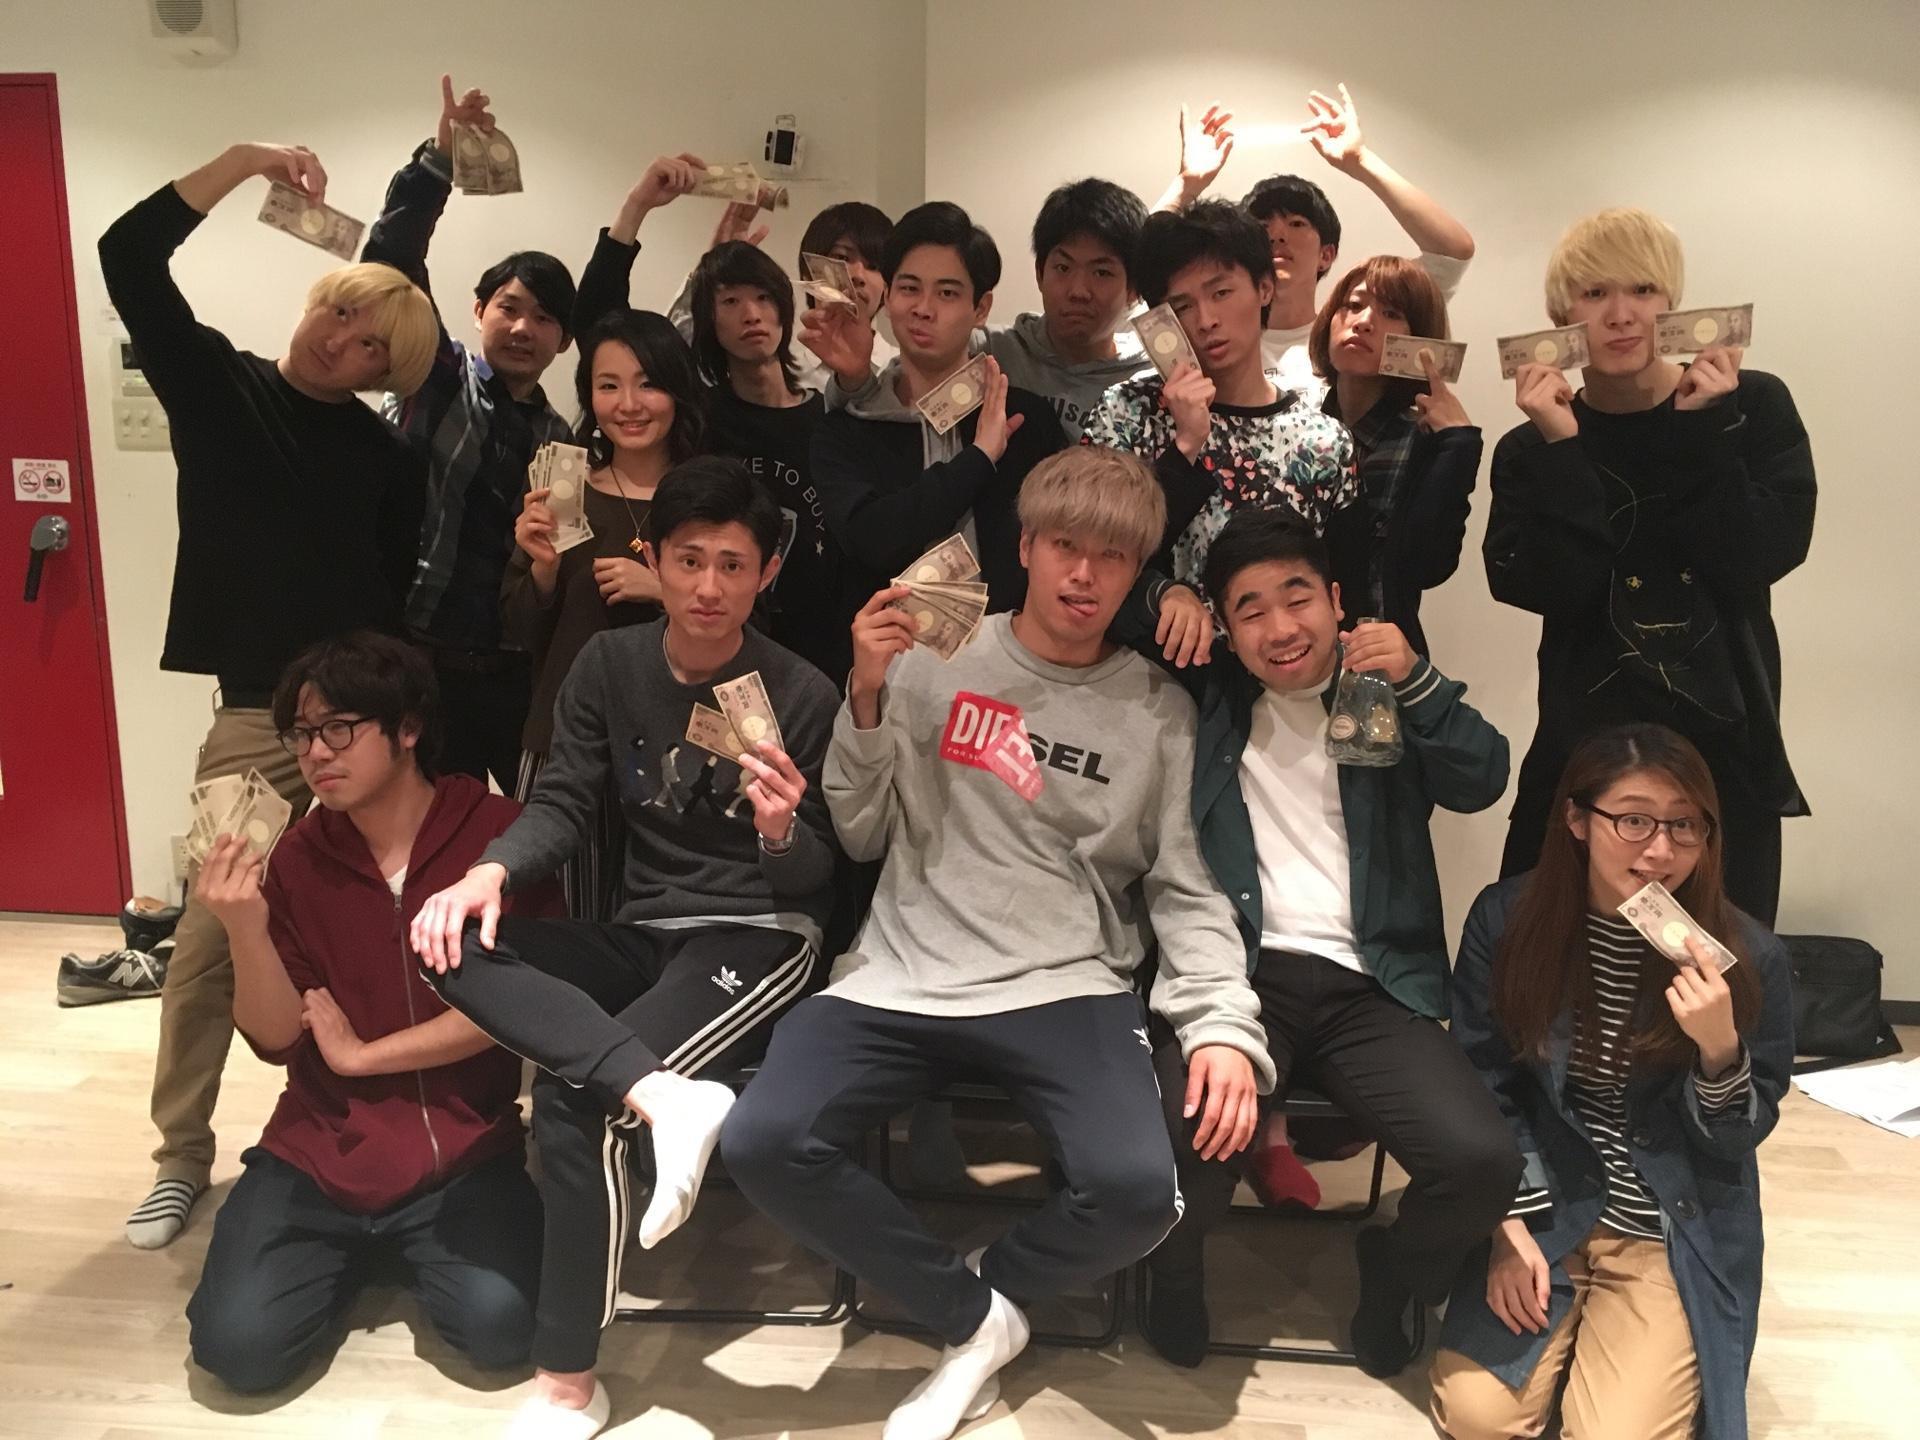 http://news.yoshimoto.co.jp/20180514124546-5b08227231242dcc3a8651b1c2351be1e728fdde.jpg